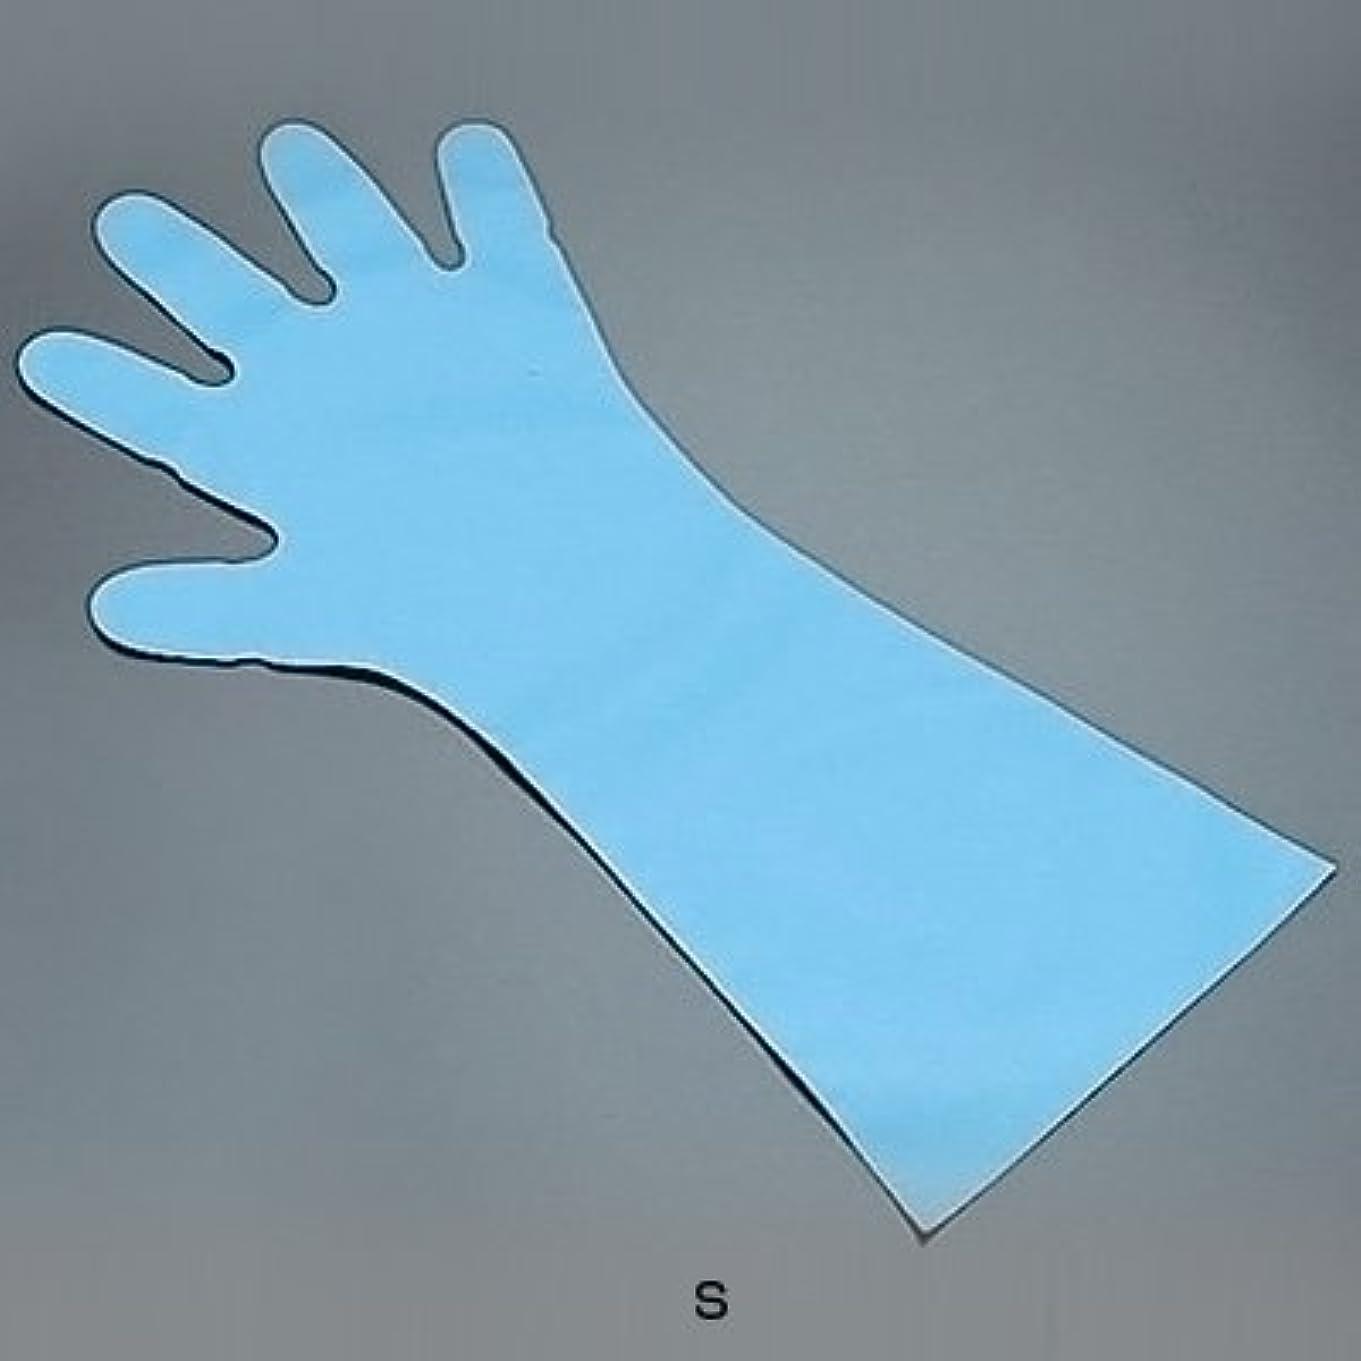 スポーツマン便利膿瘍エンボス手袋 五本絞り ロング#50 (1袋50枚入) S 全長45cm <ブルー>